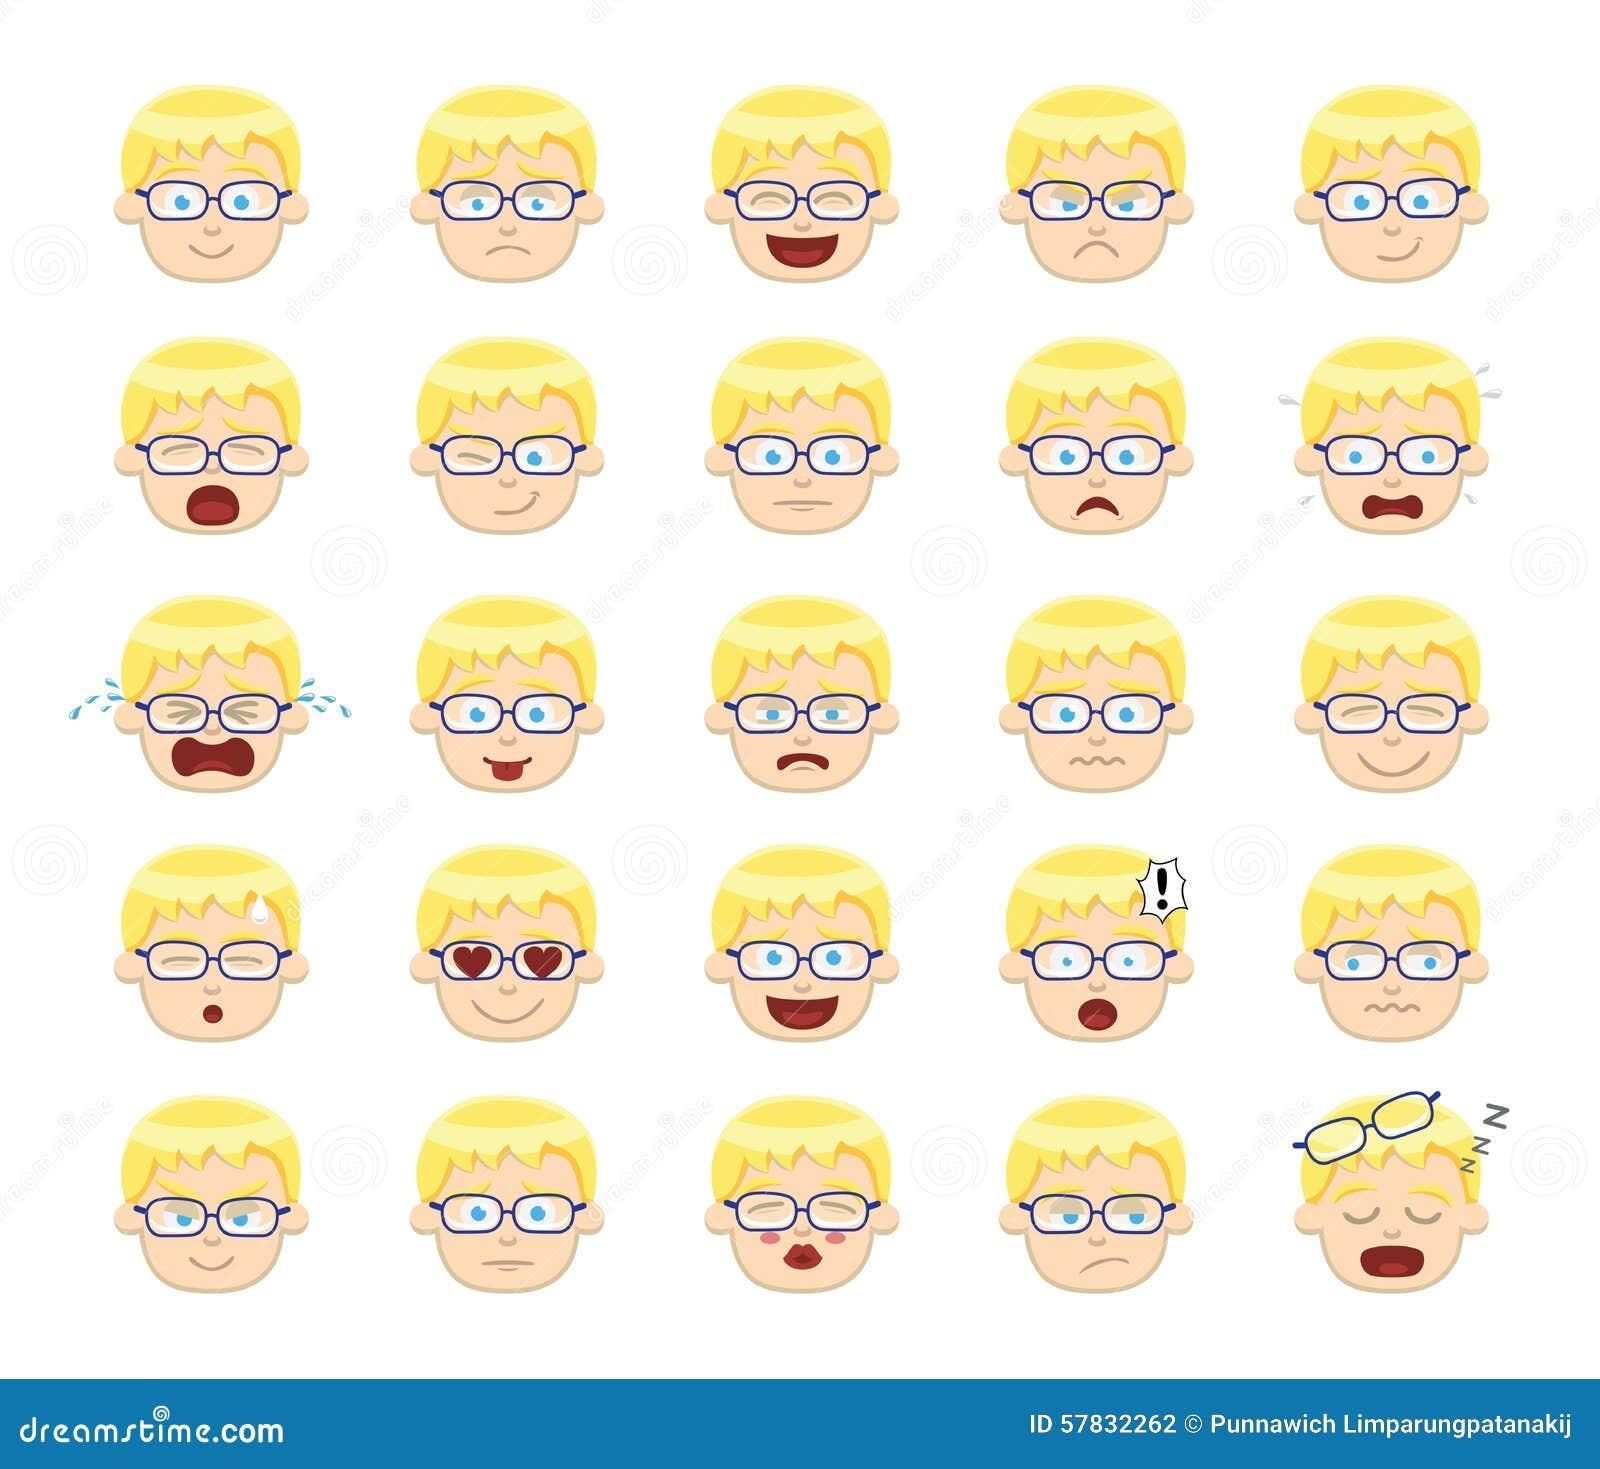 Worksheets Emotion Faces white boy emotion faces vector illustration stock illustration